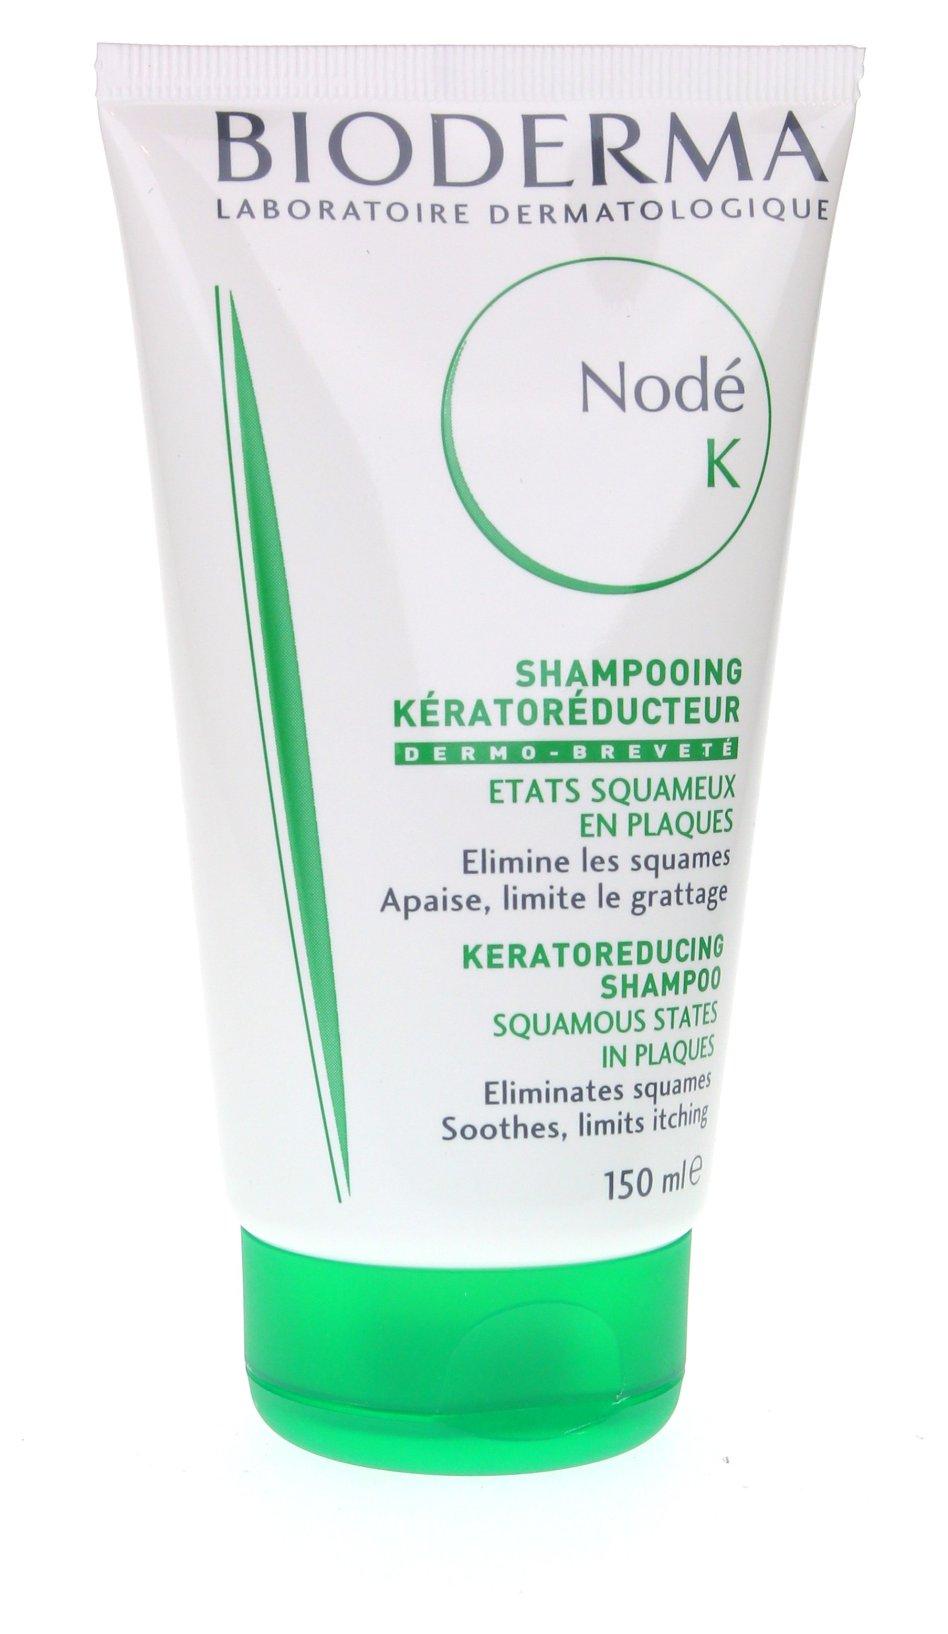 node k